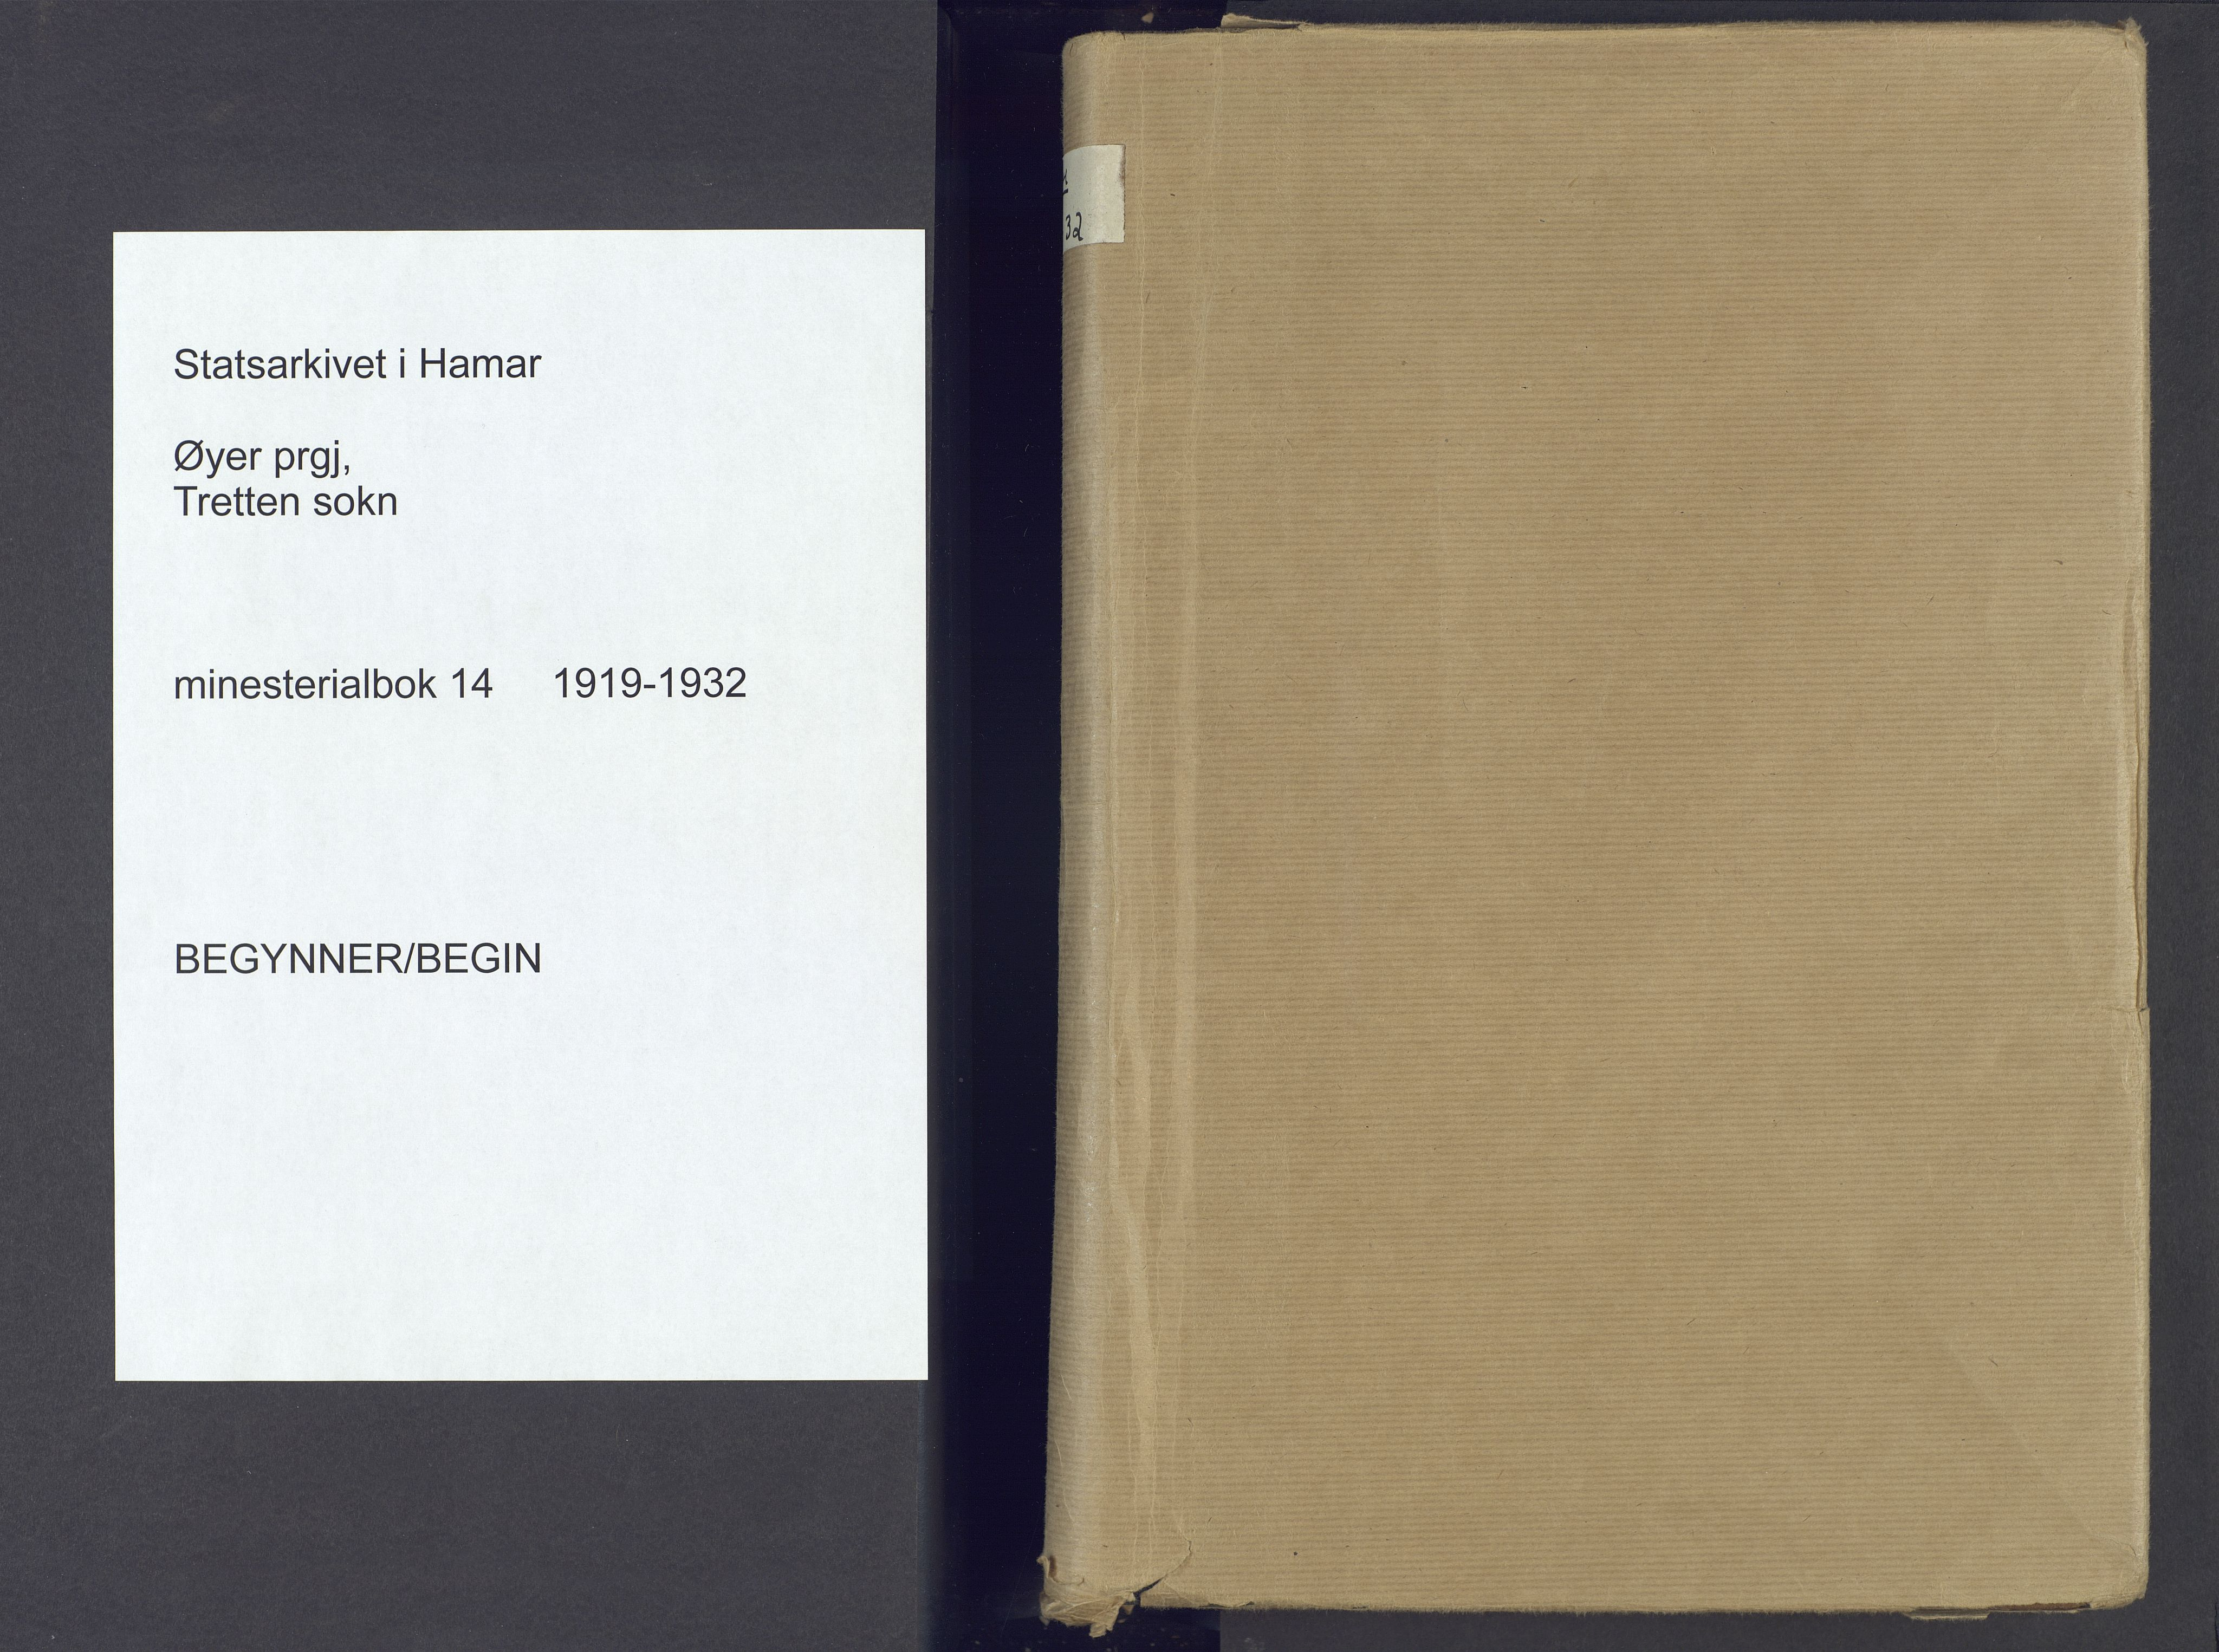 SAH, Øyer prestekontor, Ministerialbok nr. 14, 1919-1932